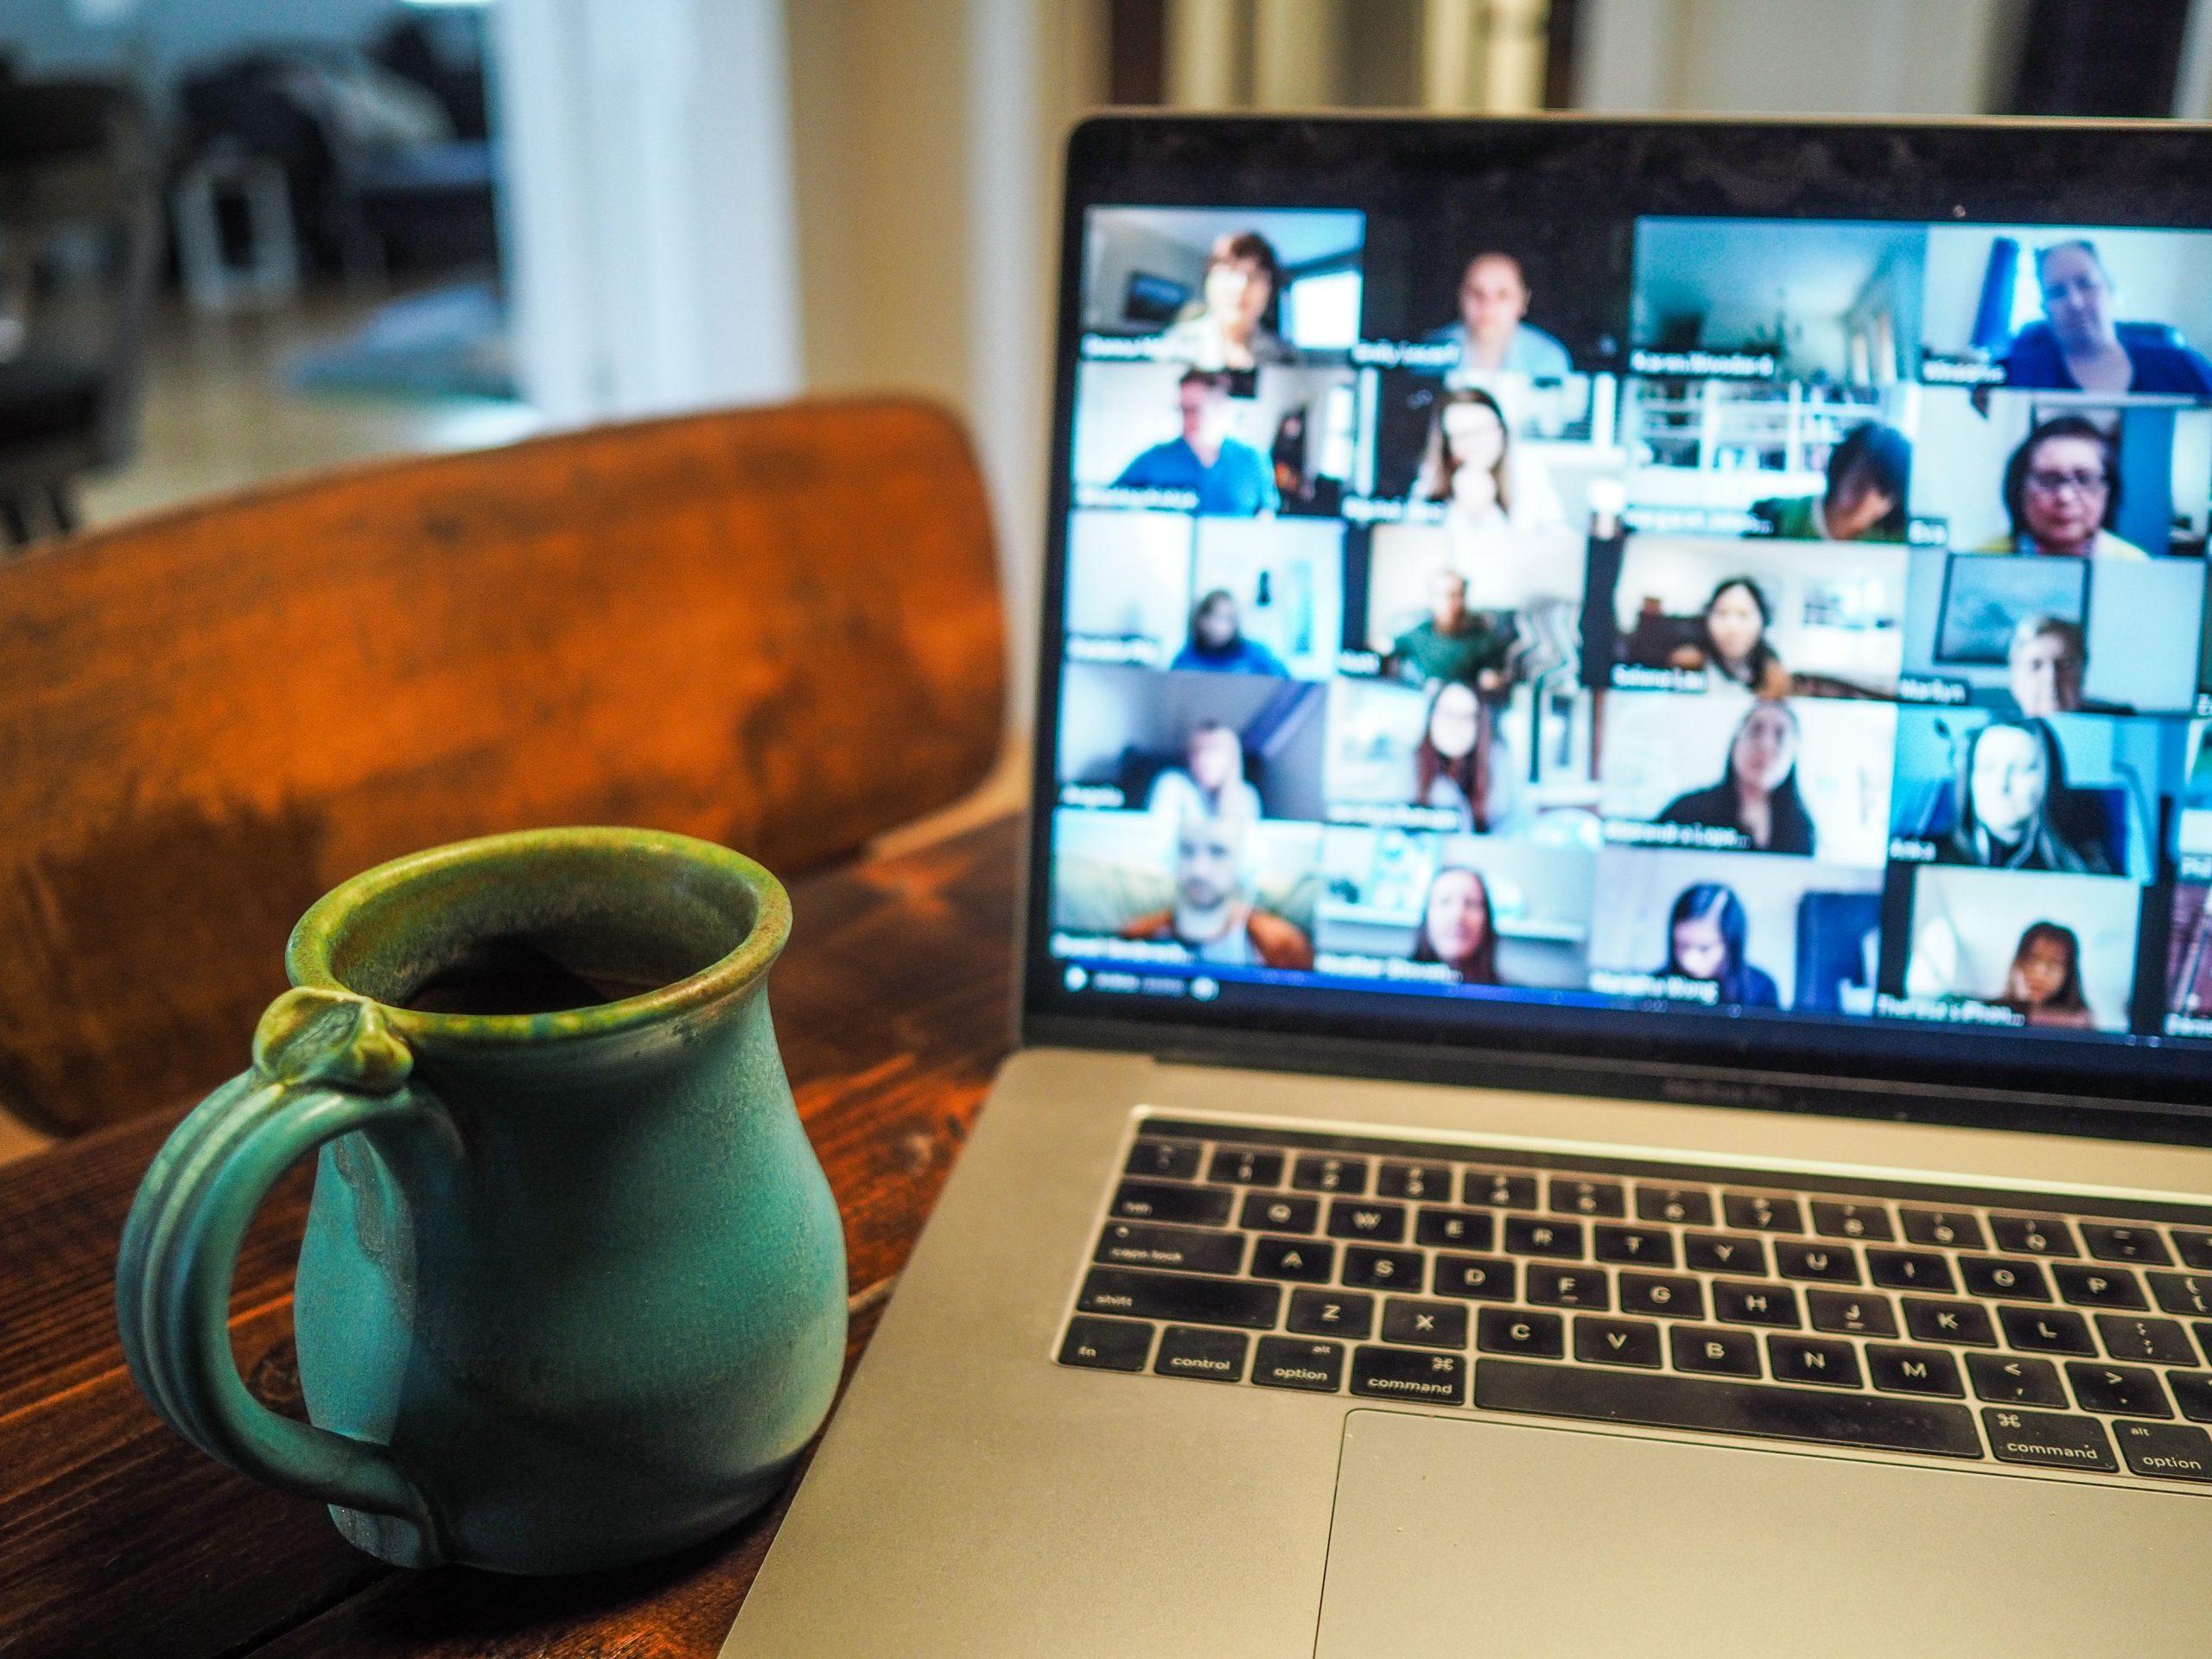 Verkkokokoukseen osallistujien kuvia kannettavan tietokoneen ruudulla ja kahvikuppi